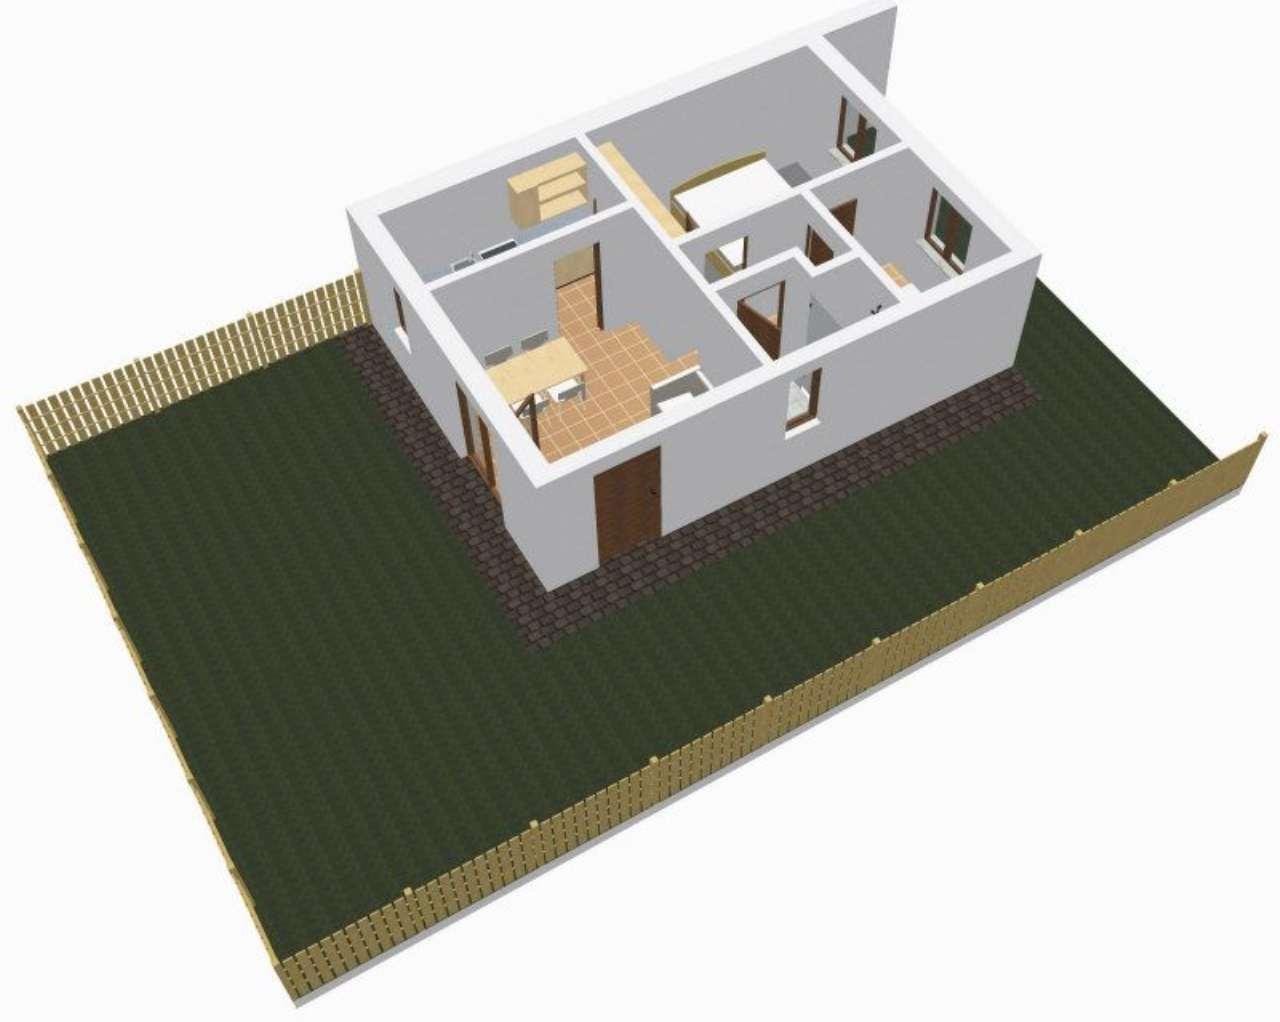 Appartamento in vendita a Nova Levante, 2 locali, Trattative riservate | Cambio Casa.it